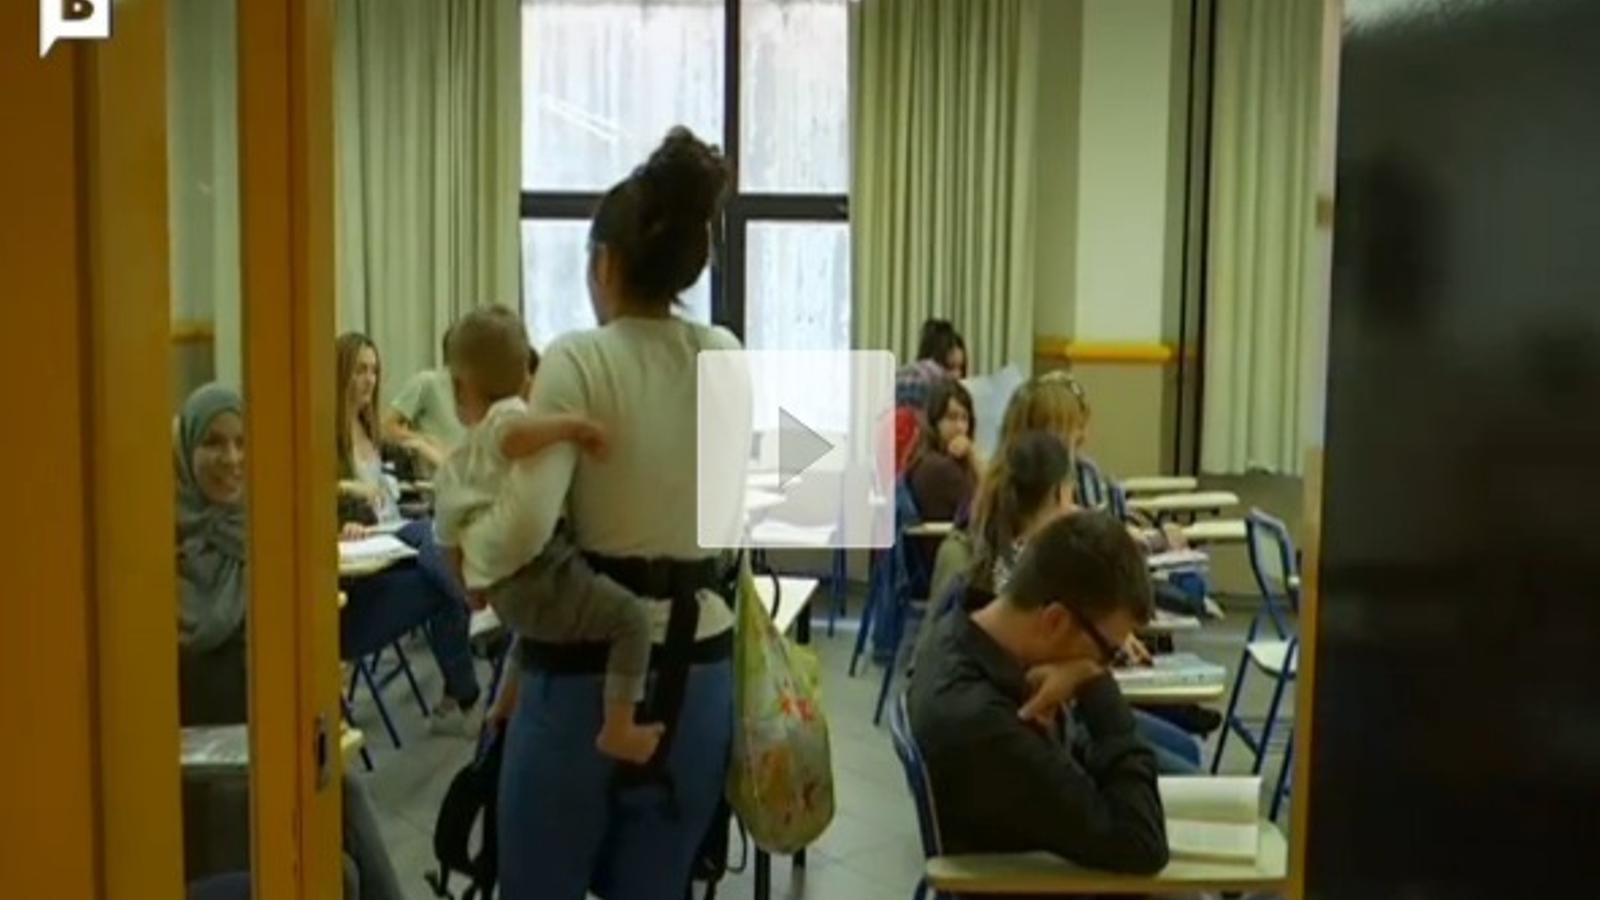 La Universitat de Barcelona demana a una alumna que no porti el nadó a classe